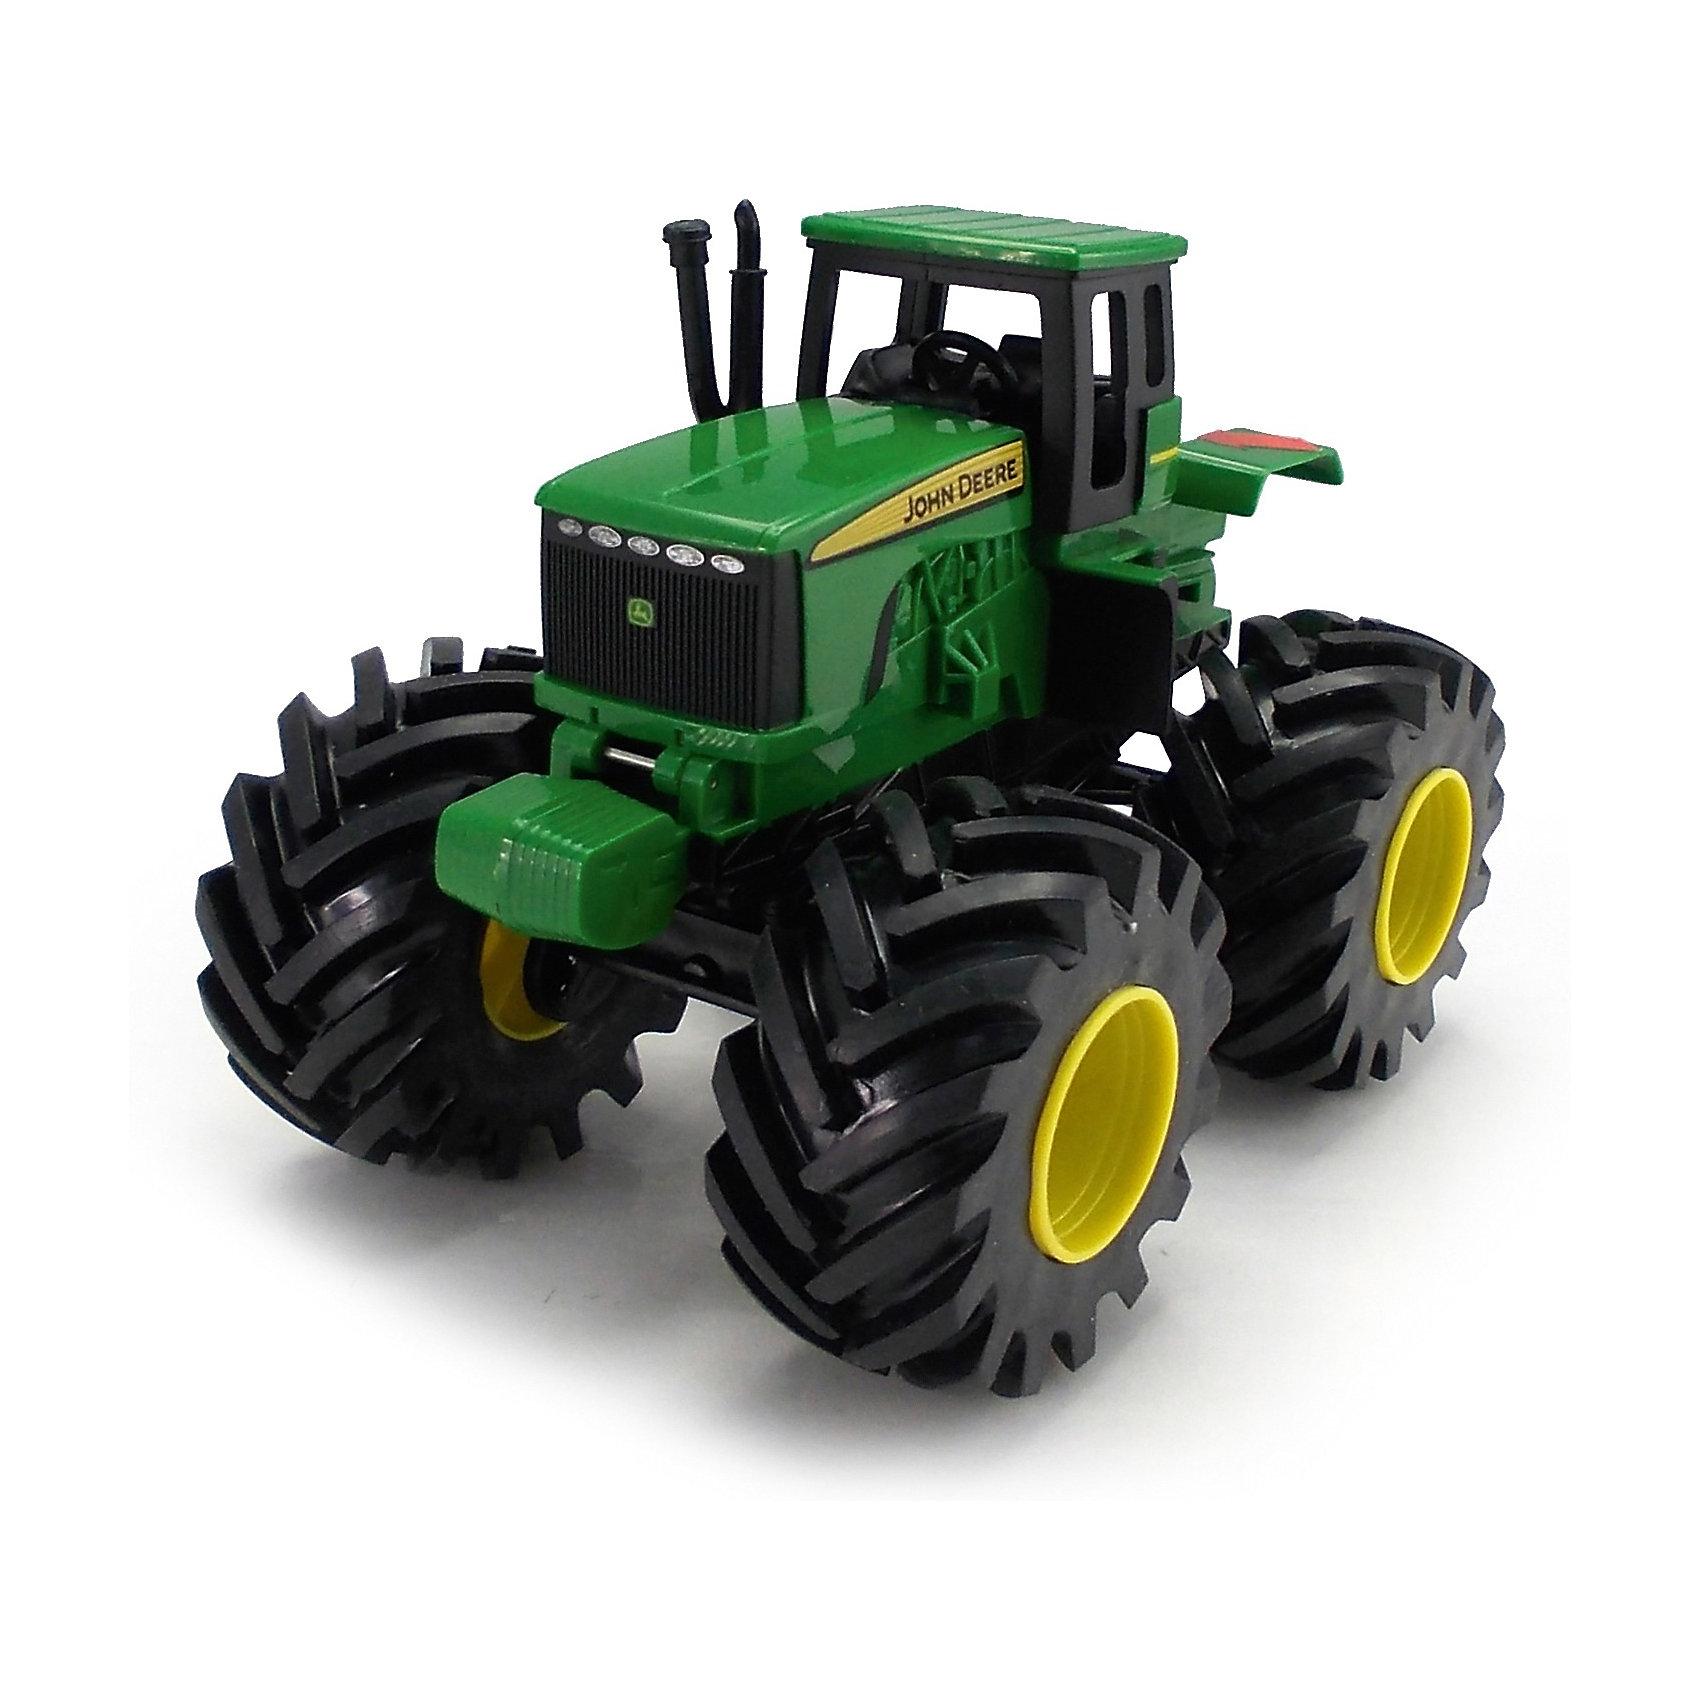 Tрактор с большими колесами и вибрацией, Monster ThreadТрактор Monster Thread John Deer, Tomy (Томи) - это уменьшенная модель настоящего сельскохозяйственного трактора, выполненная в высоком качестве и с большим вниманием к деталям. Трактор John Deer незаменим для лесного хозяйства и для перевозки бревен, а его мощные колеса обеспечивают проходимость по любому бездорожью. Модель оснащена реалистичной кабиной для водителя с рулем и сиденьем, сбоку маленькая лестница. Крупные колёса трактора с протекторами, что обеспечивает тихий ход машины и сохранность напольного покрытия. Игрушка<br>обладает звуковыми эффектами: при нажатии на кнопку трактор вибрирует и издает характерный звуки работающей машины.<br><br><br> Дополнительная информация:<br><br>- Материал: высококачественный пластик. <br>- Требуются батарейки: 3 х AAA (входят в комплект).<br>- Размер игрушки: 23,5 x 15,5 x 20 см. <br>- Размер упаковки: 26 x 17 x 22 см.  <br>- Вес: 0,912 кг. <br><br>Tрактор с большими колесами и вибрацией, Monster Thread, Tomy (Томи), можно купить в нашем интернет-магазине.<br><br>Ширина мм: 271<br>Глубина мм: 226<br>Высота мм: 180<br>Вес г: 929<br>Возраст от месяцев: 36<br>Возраст до месяцев: 96<br>Пол: Мужской<br>Возраст: Детский<br>SKU: 3592465